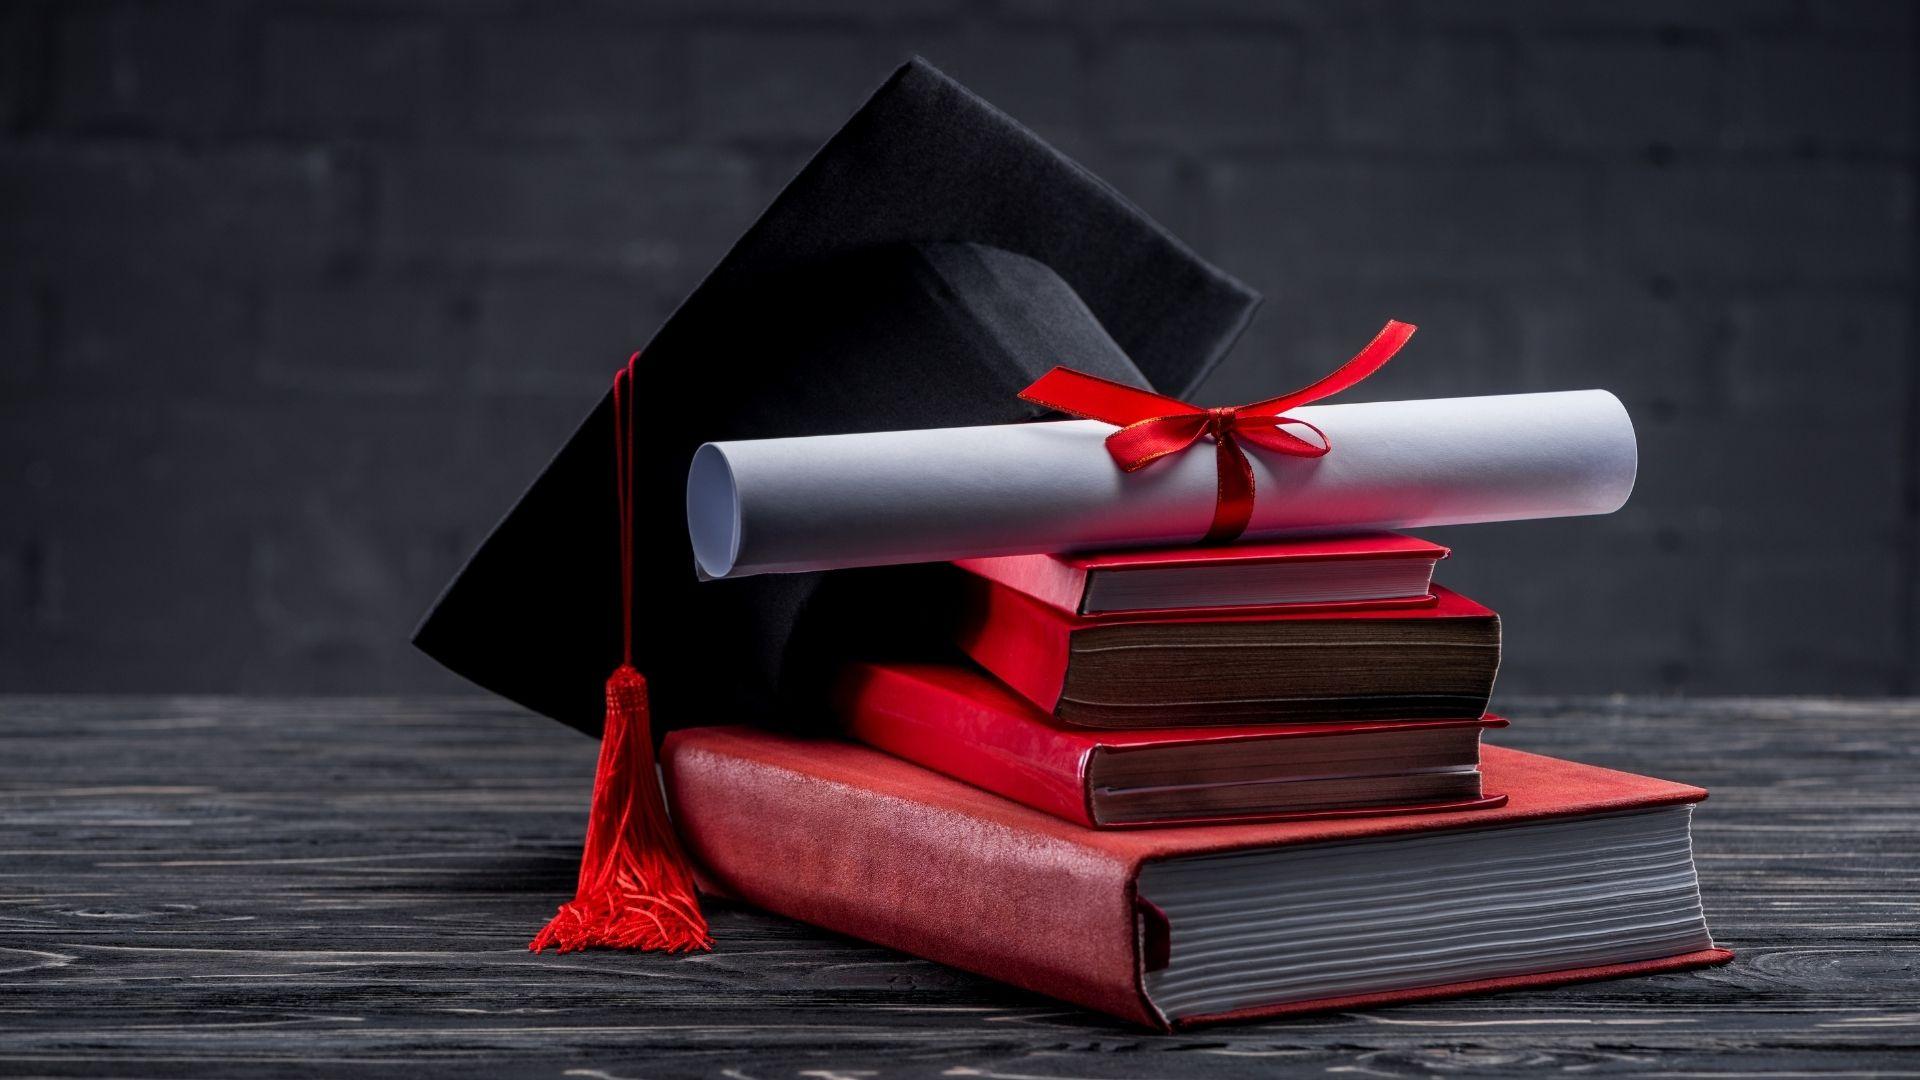 Diploma do ensino médio norte-americano no Brasil: como obter?